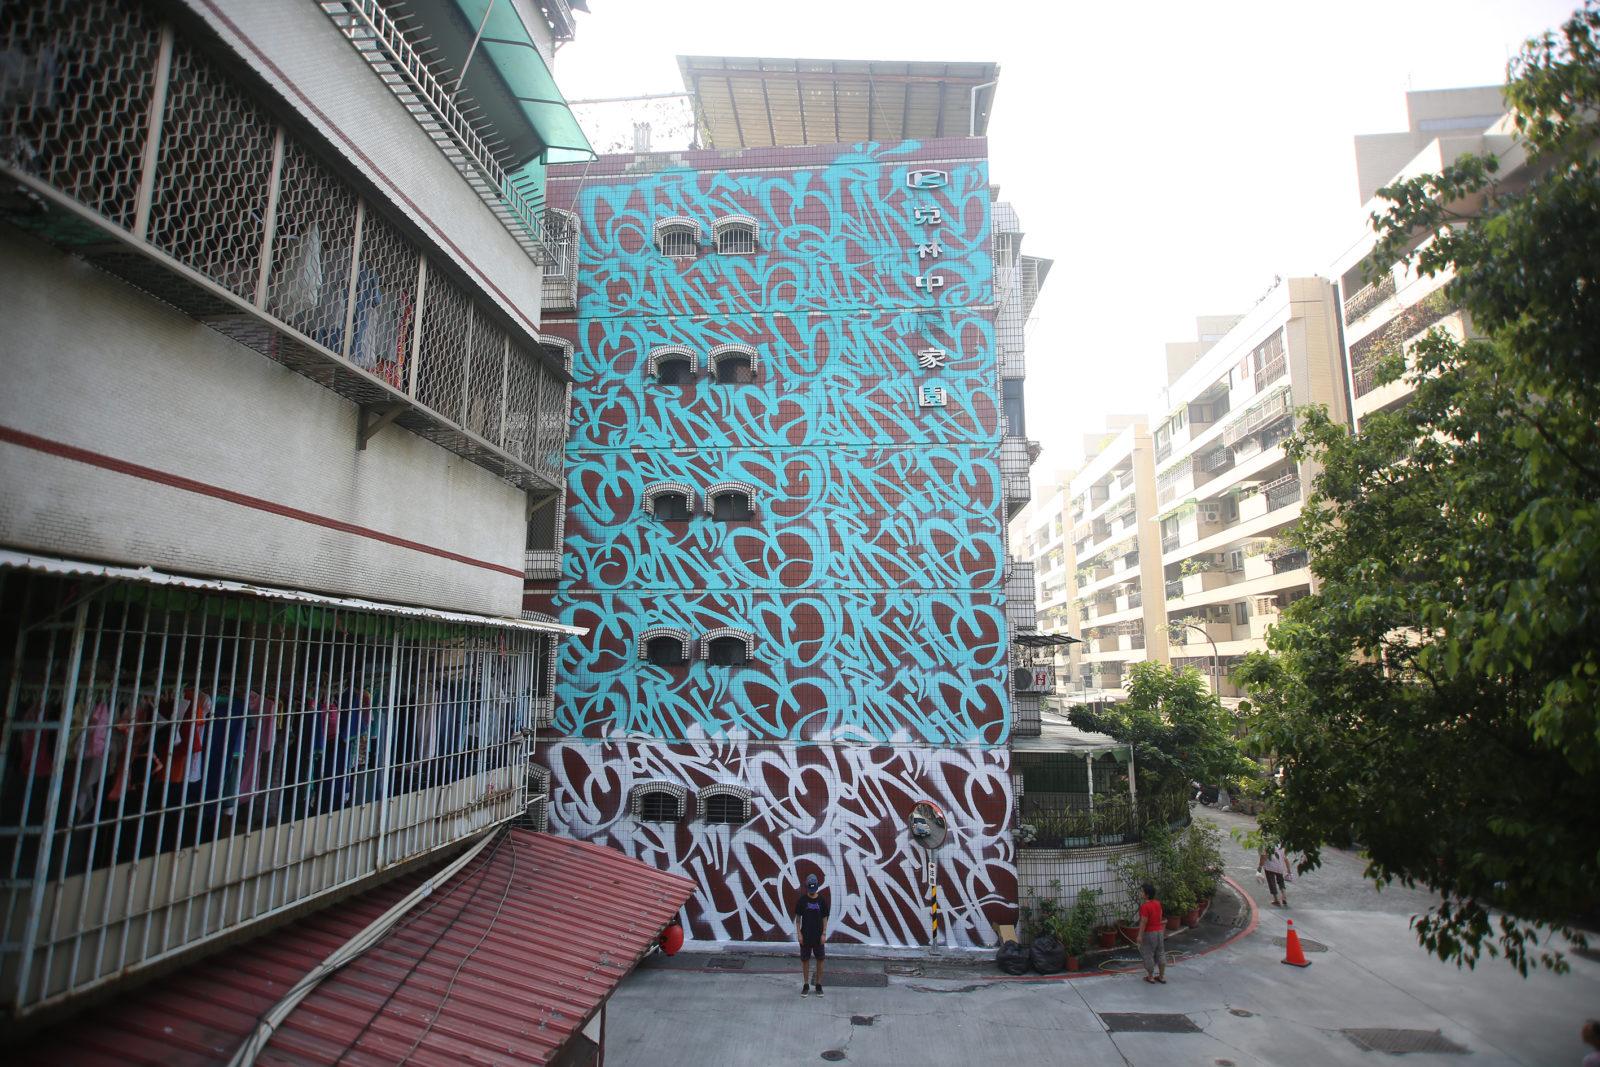 Rafael Sliks pixacao streetart groundeffect galerie exposition ER1A6814 - Sliks représente le pixaçao, graffiti vandale brésilien, à la galerie Ground Effect